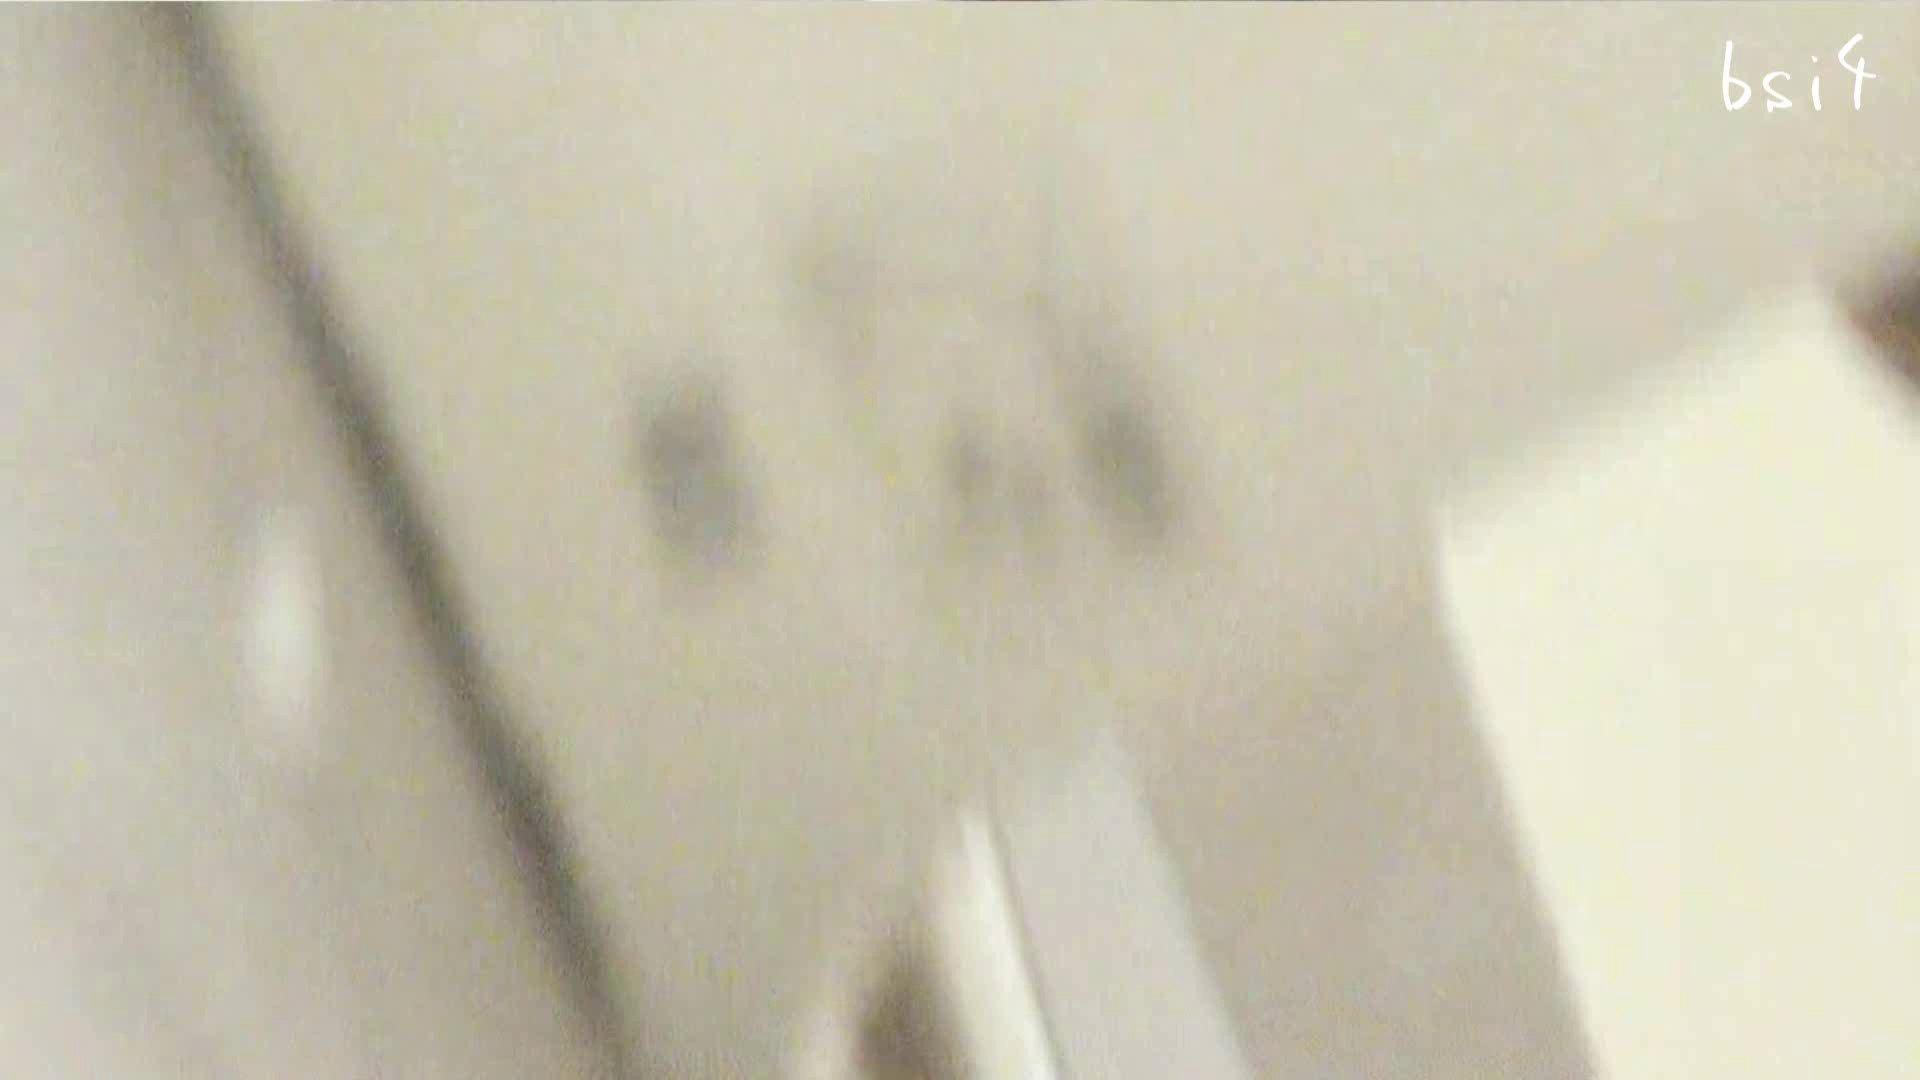 至高下半身盗撮-PREMIUM-【院内病棟編 】 vol.04 ぱっくり下半身 隠し撮りオマンコ動画紹介 55画像 4